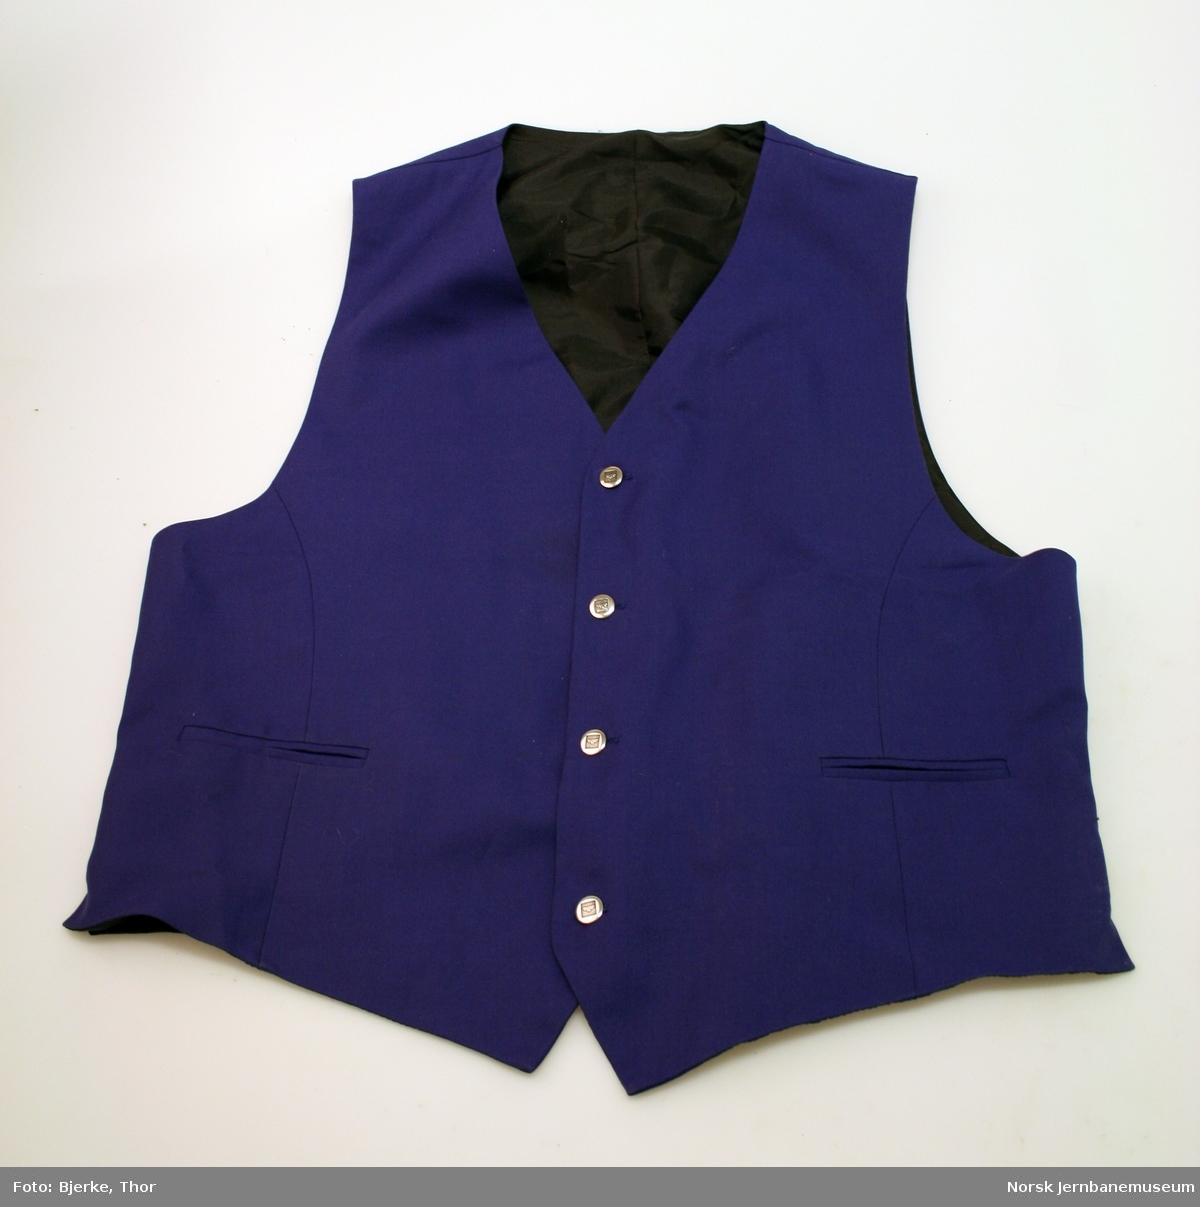 Uniformsvest for NSBs merkevare SIGNATUR, størrelse 56